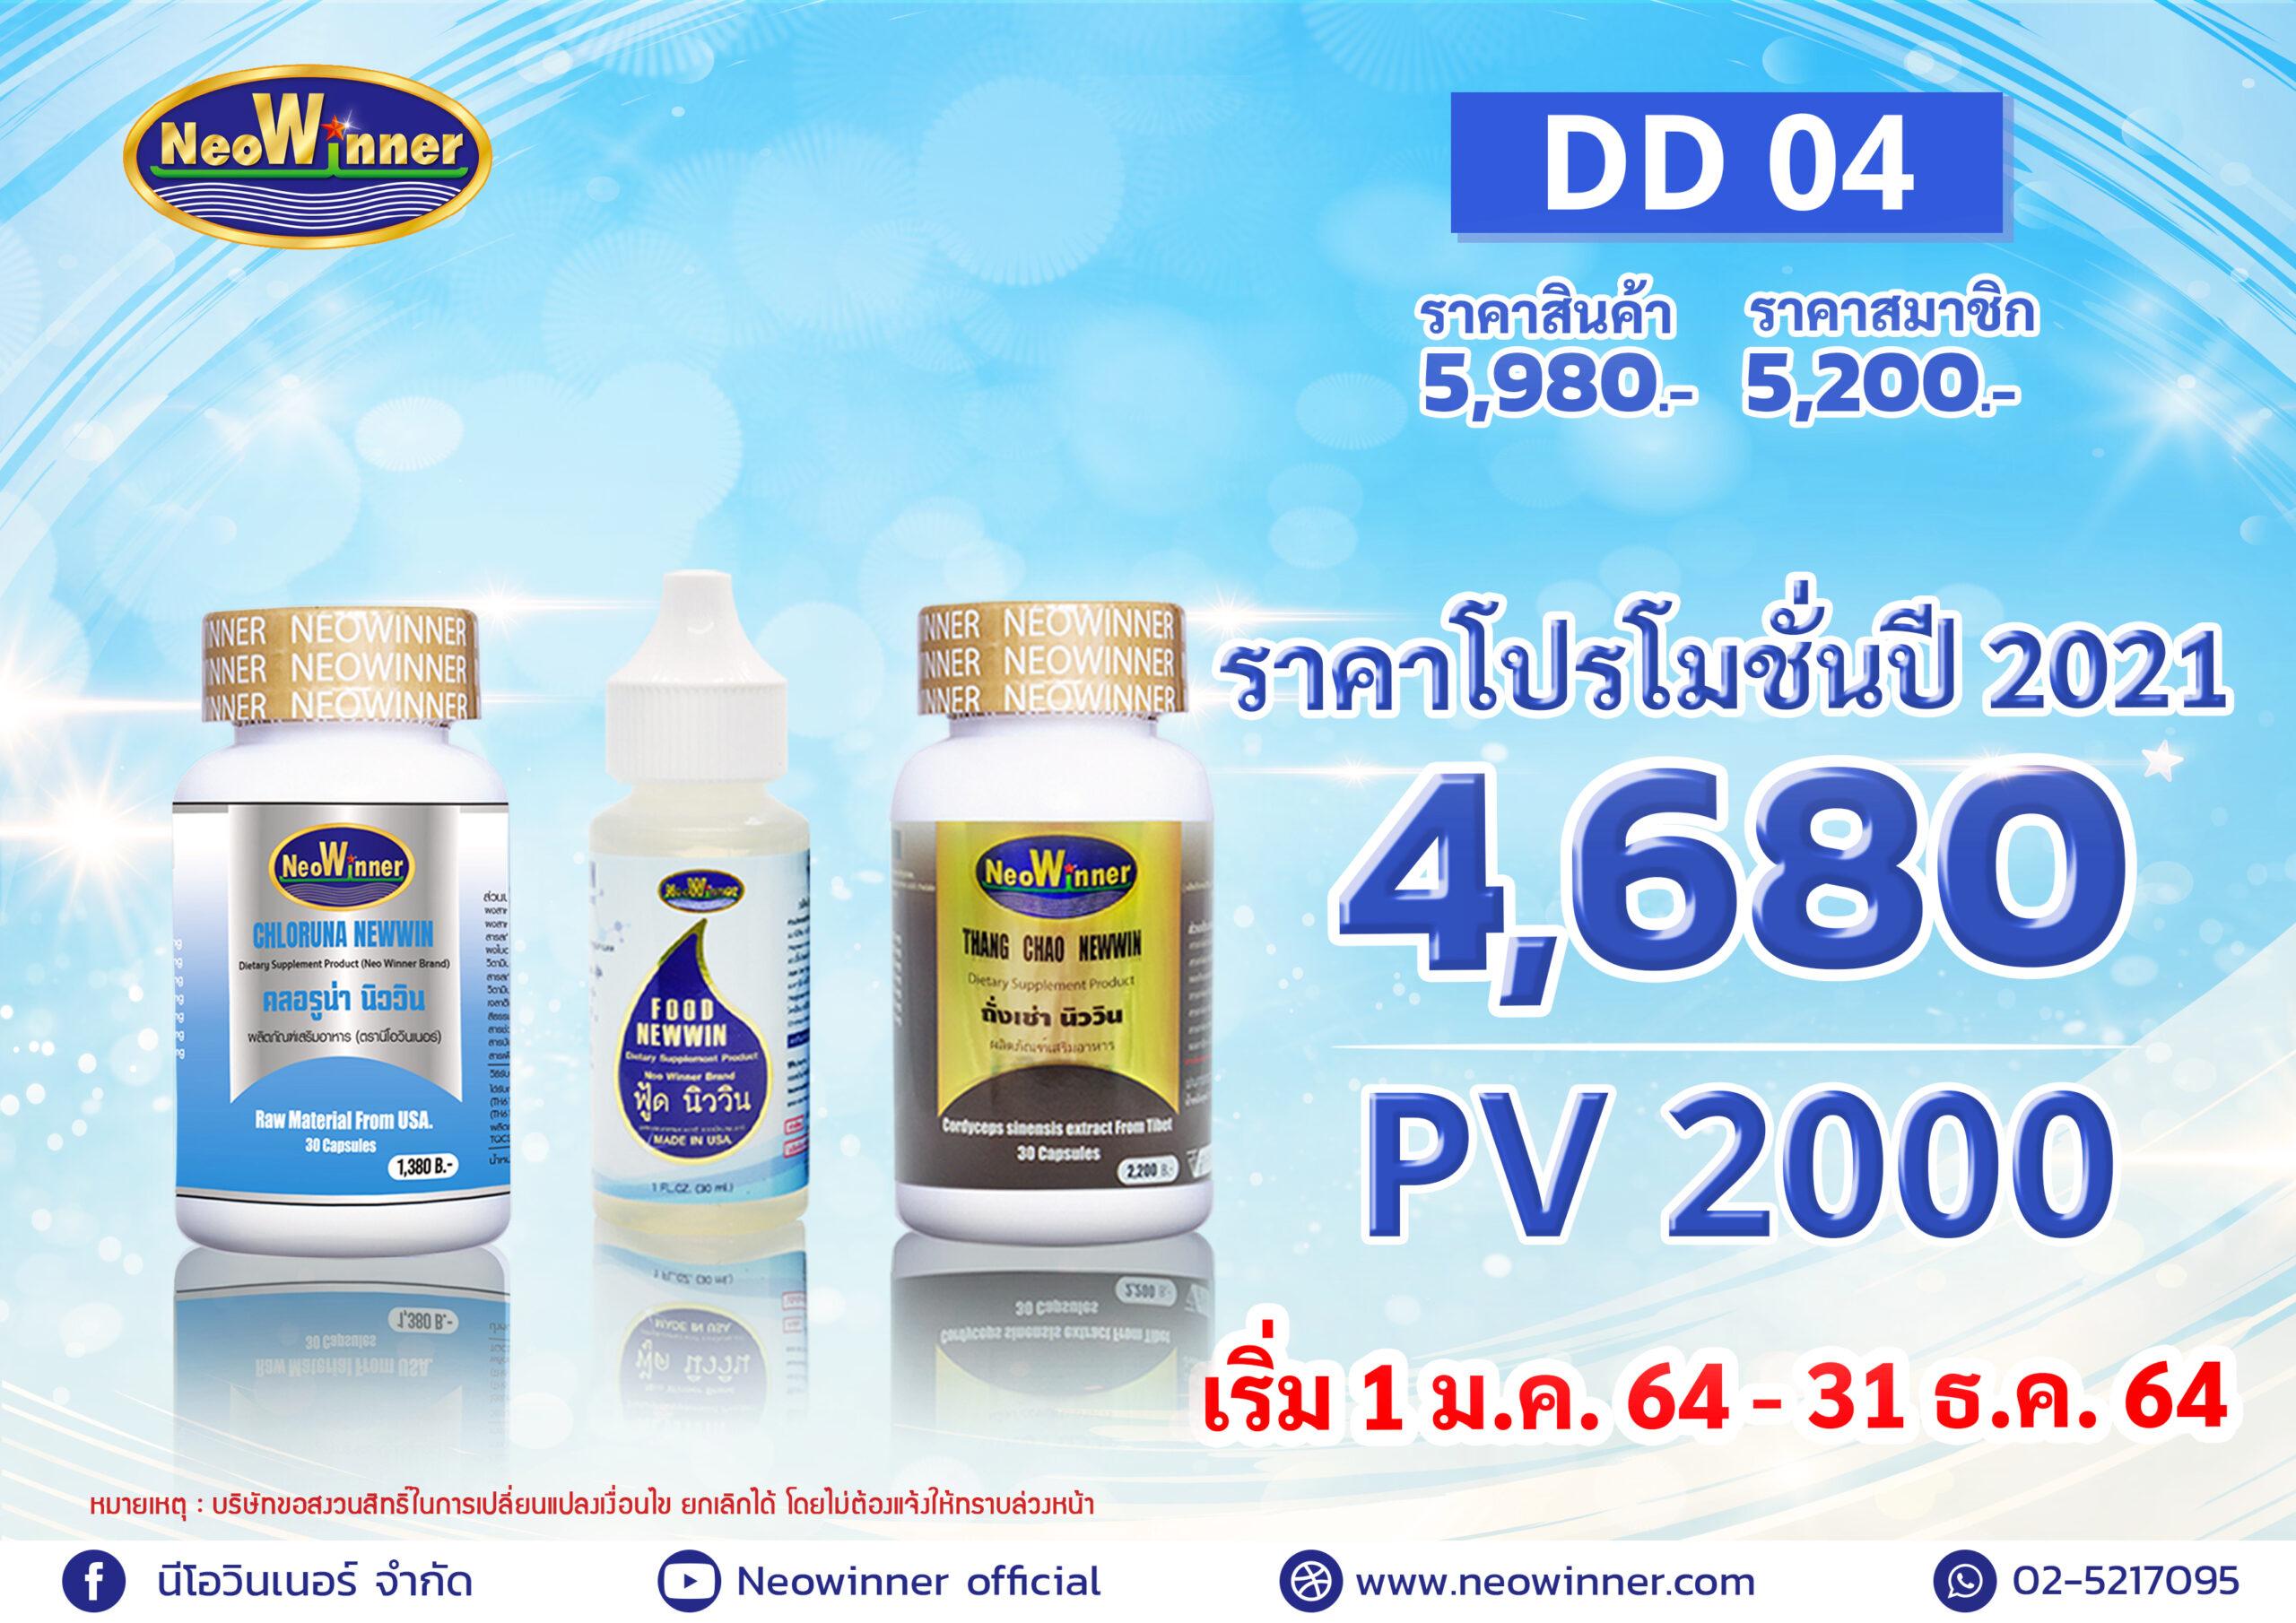 Promotion-DD-04-2021